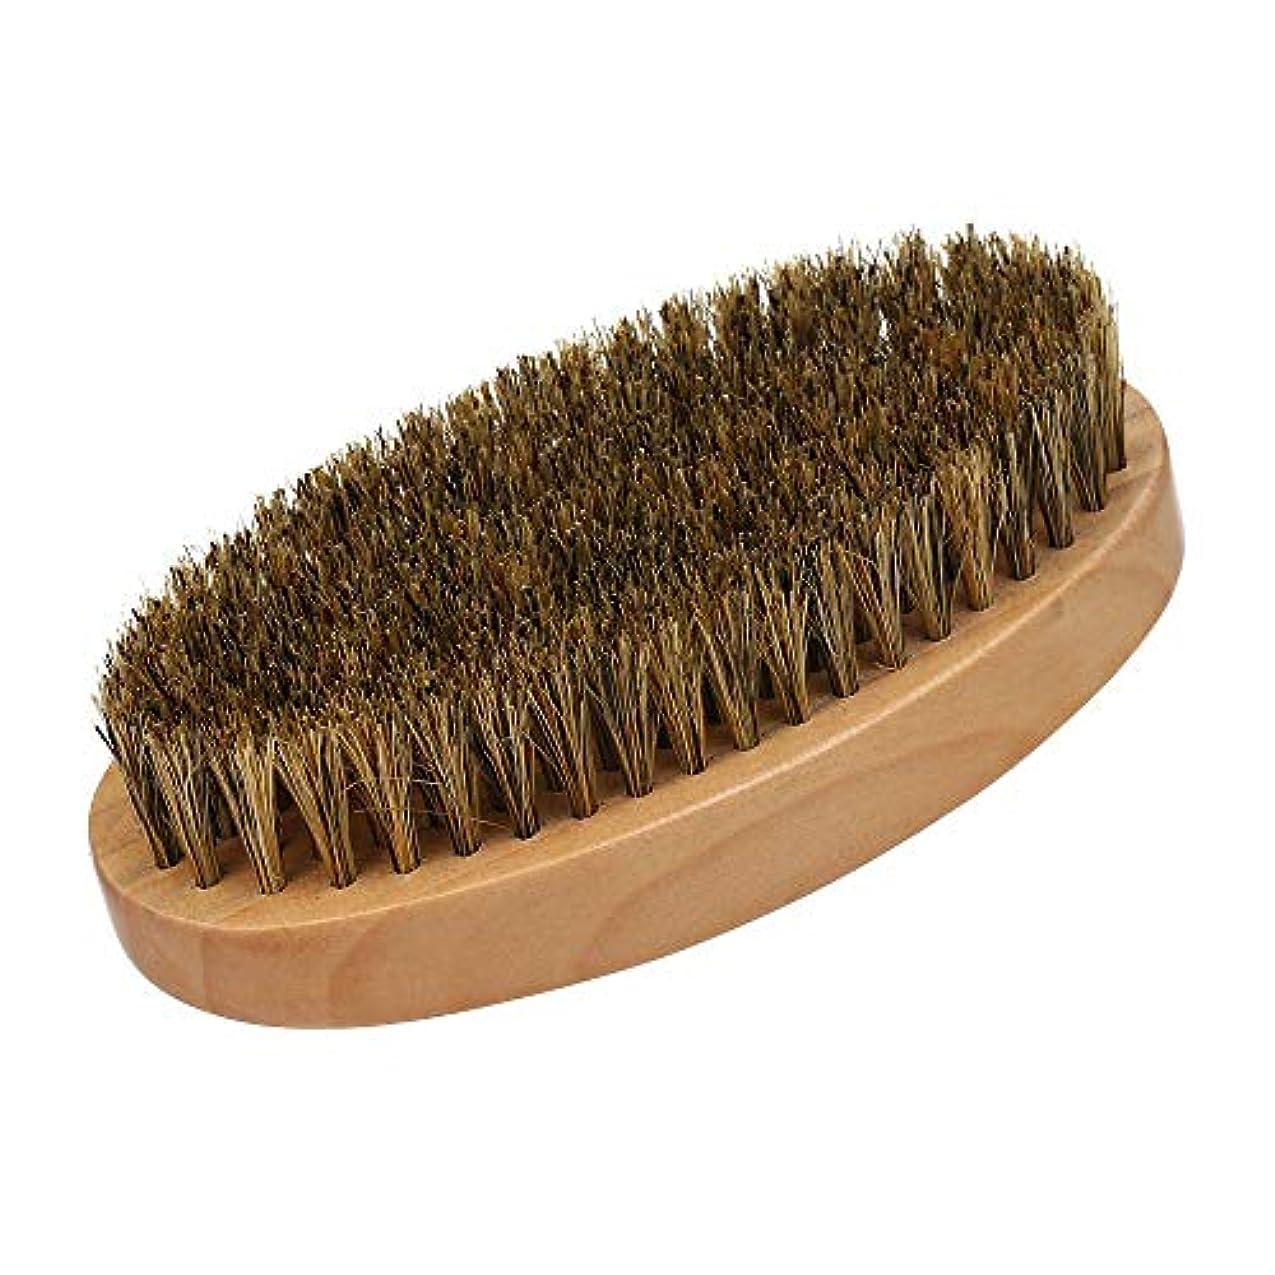 ボートオーブンラジウムDecdeal ひげブラシ シェービング用ブラシ メンズシェービングブラシ髭剃り